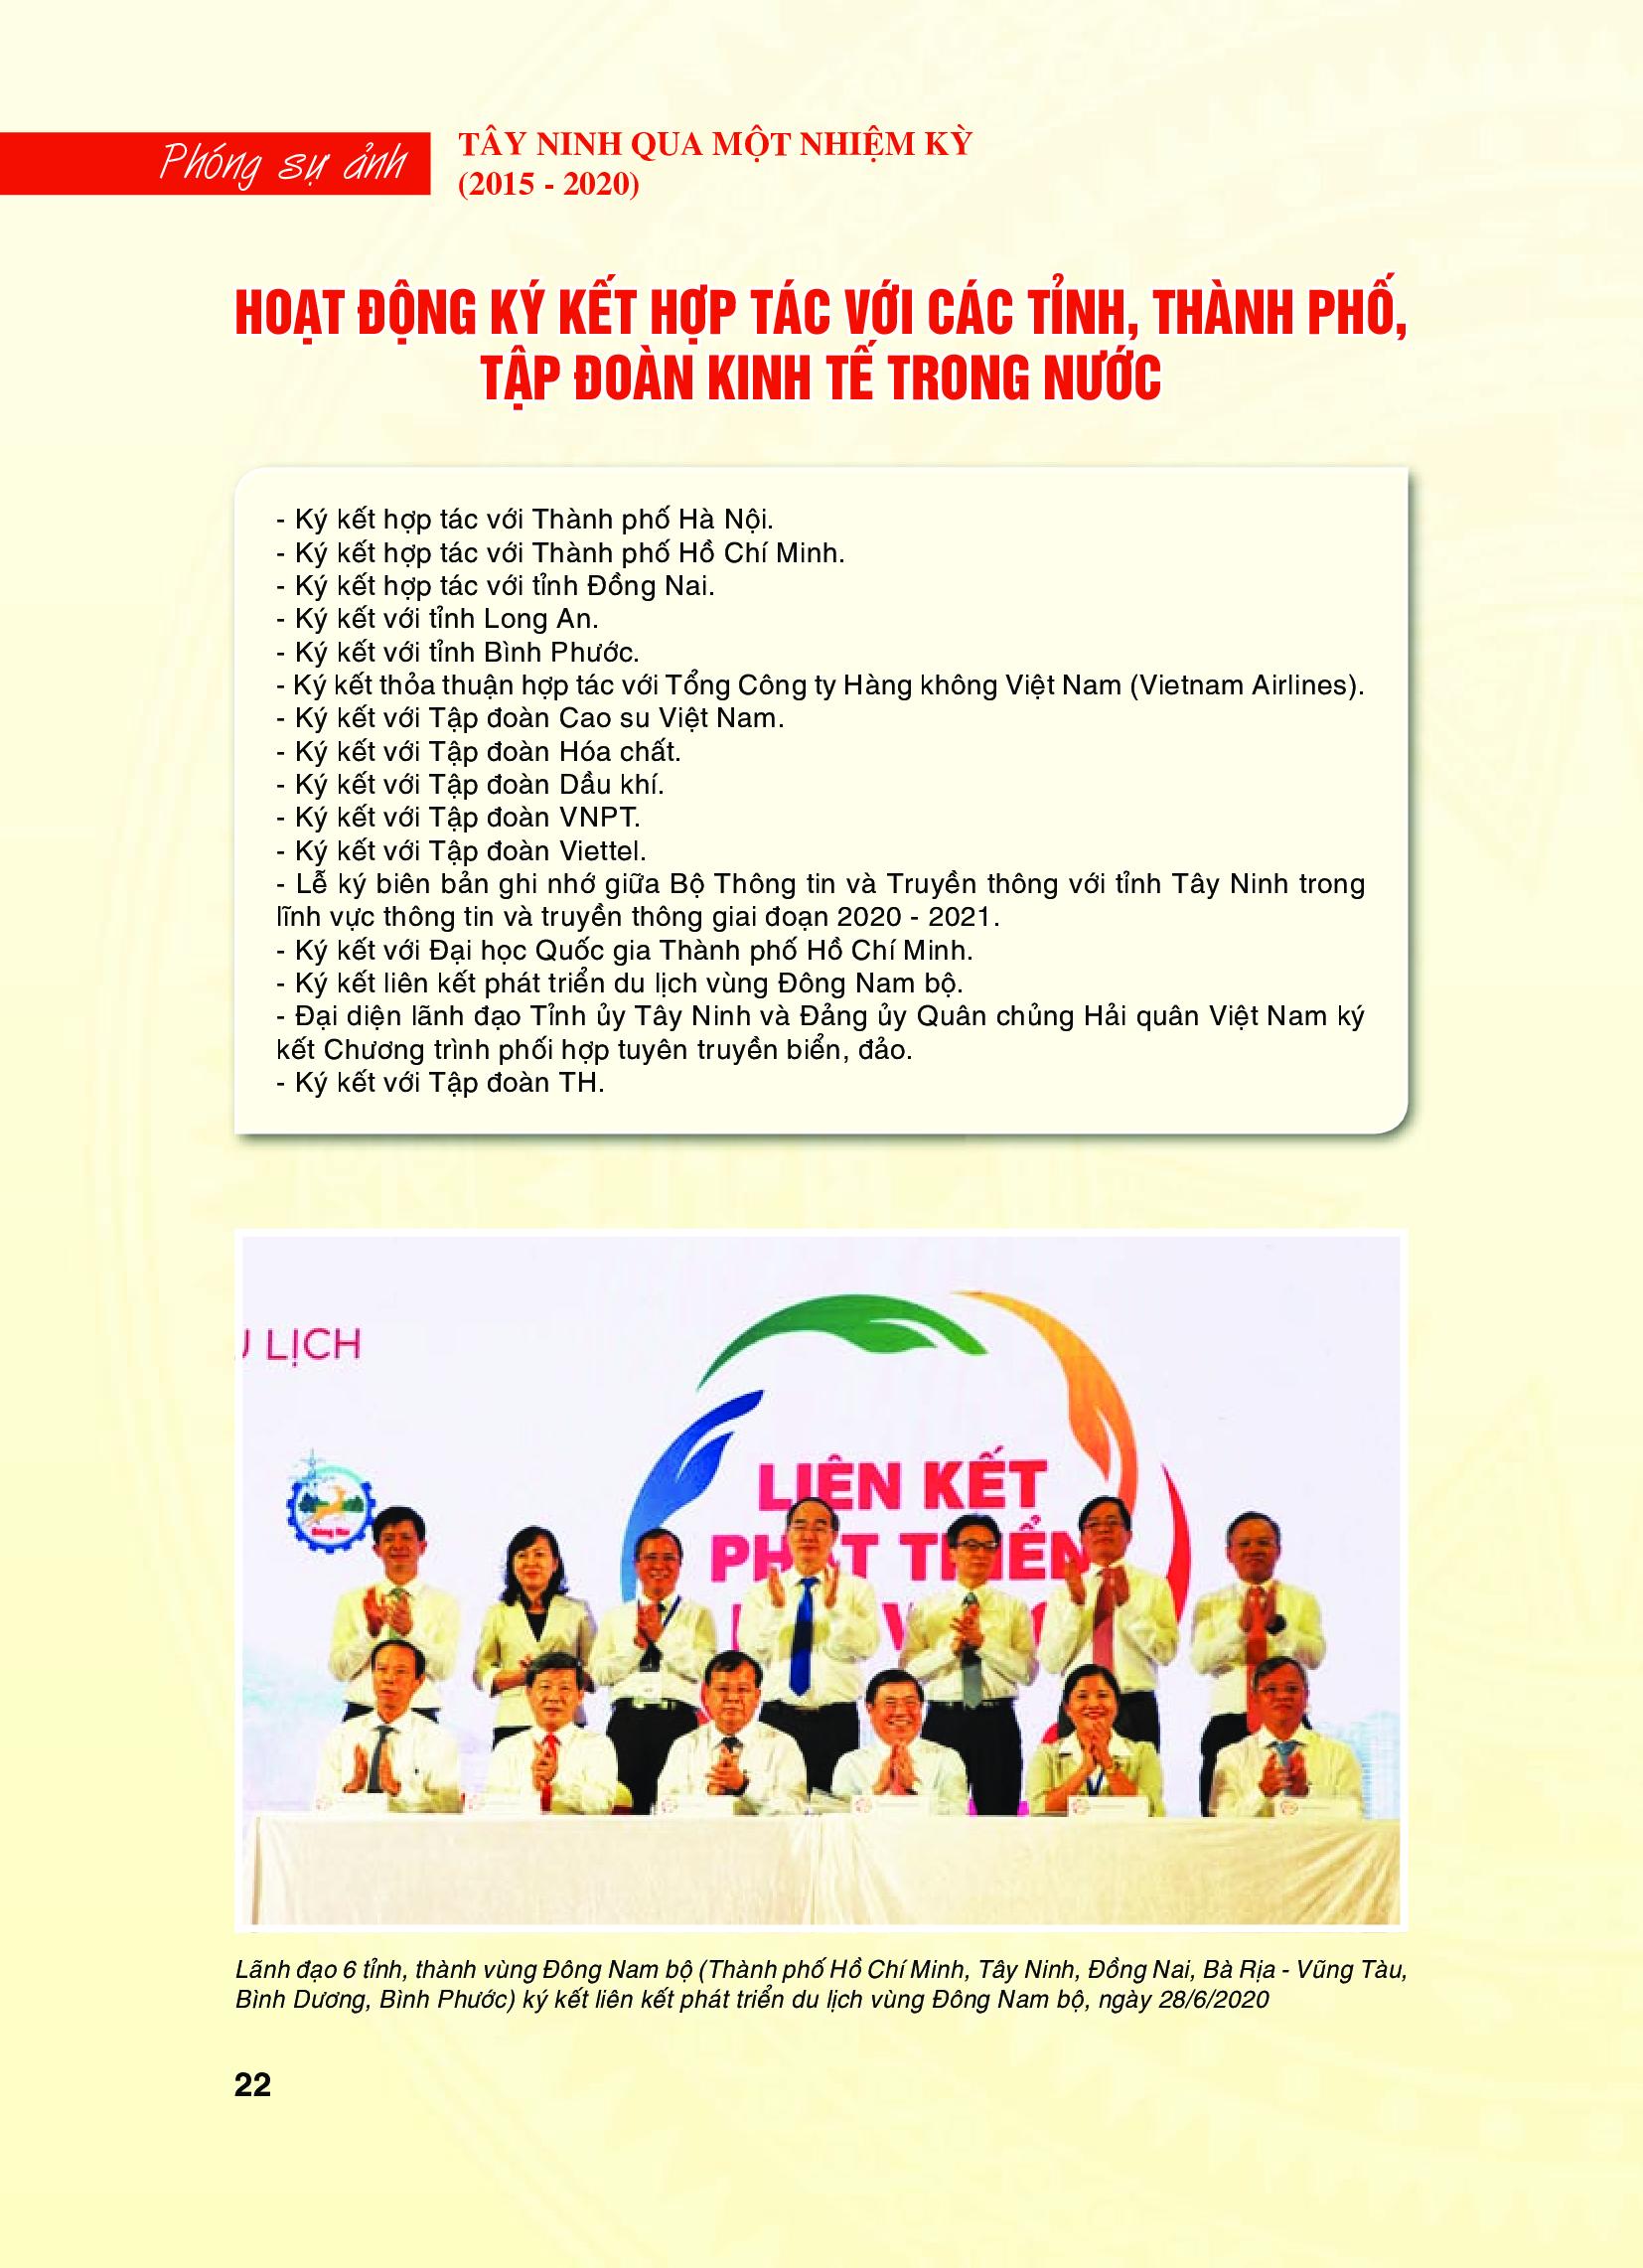 Tây Ninh qua một nhiệm kỳ (2015 - 2020) - Hoạt động ký kết hợp tác với các tỉnh, thành phố, tập đoàn kinh tế trong nước